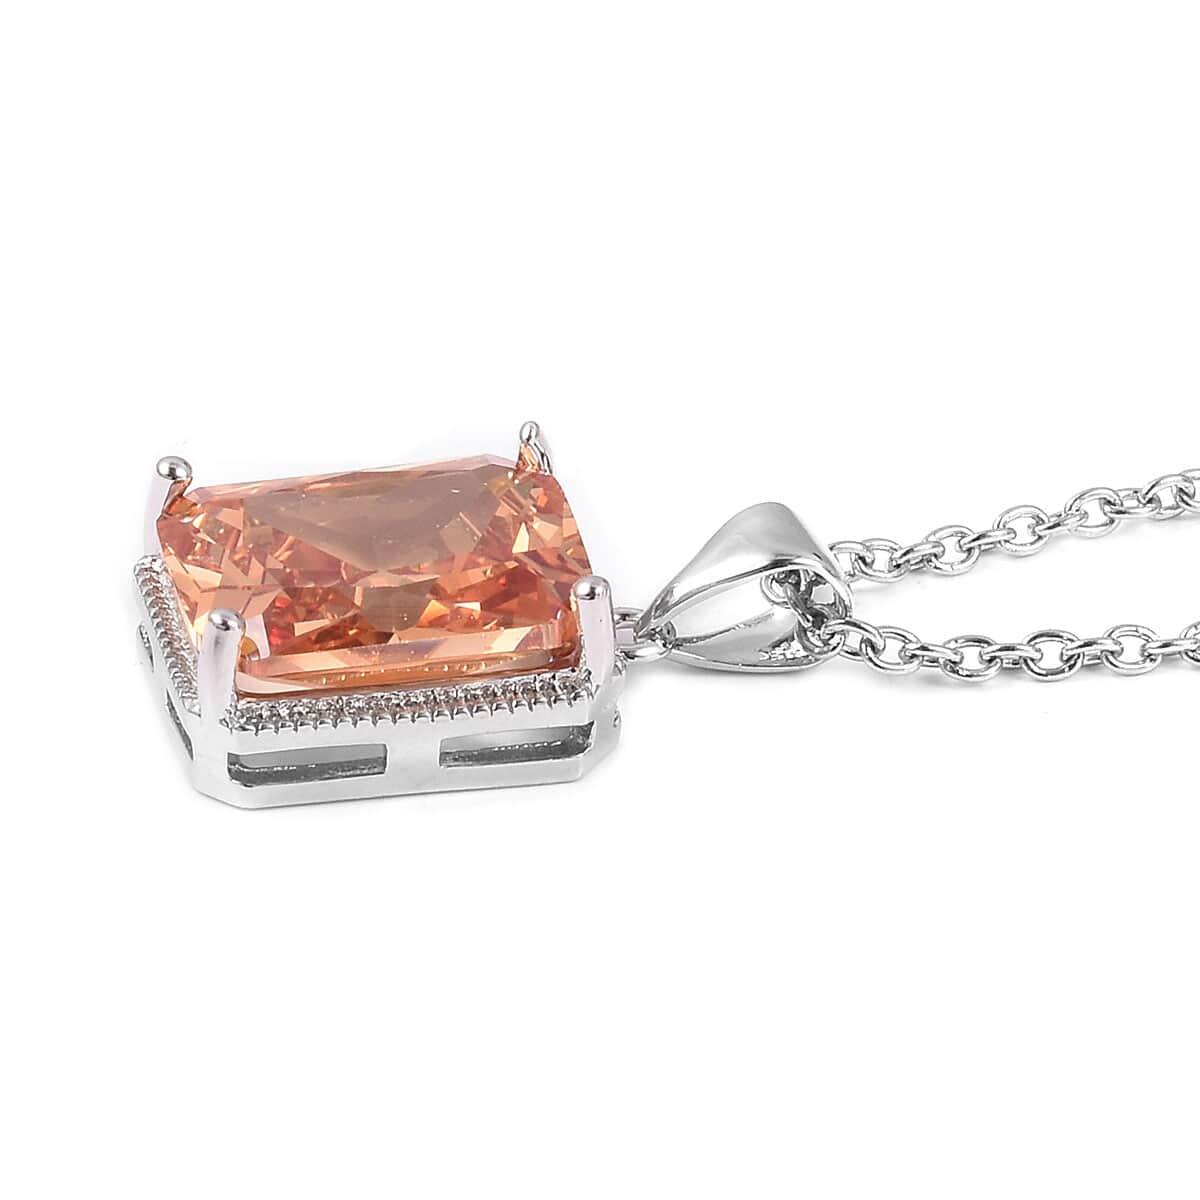 12-Color-Options-Cubic-Zirconia-Bracelet-Chain-Pendant-Necklace-Set-Adjustable thumbnail 24